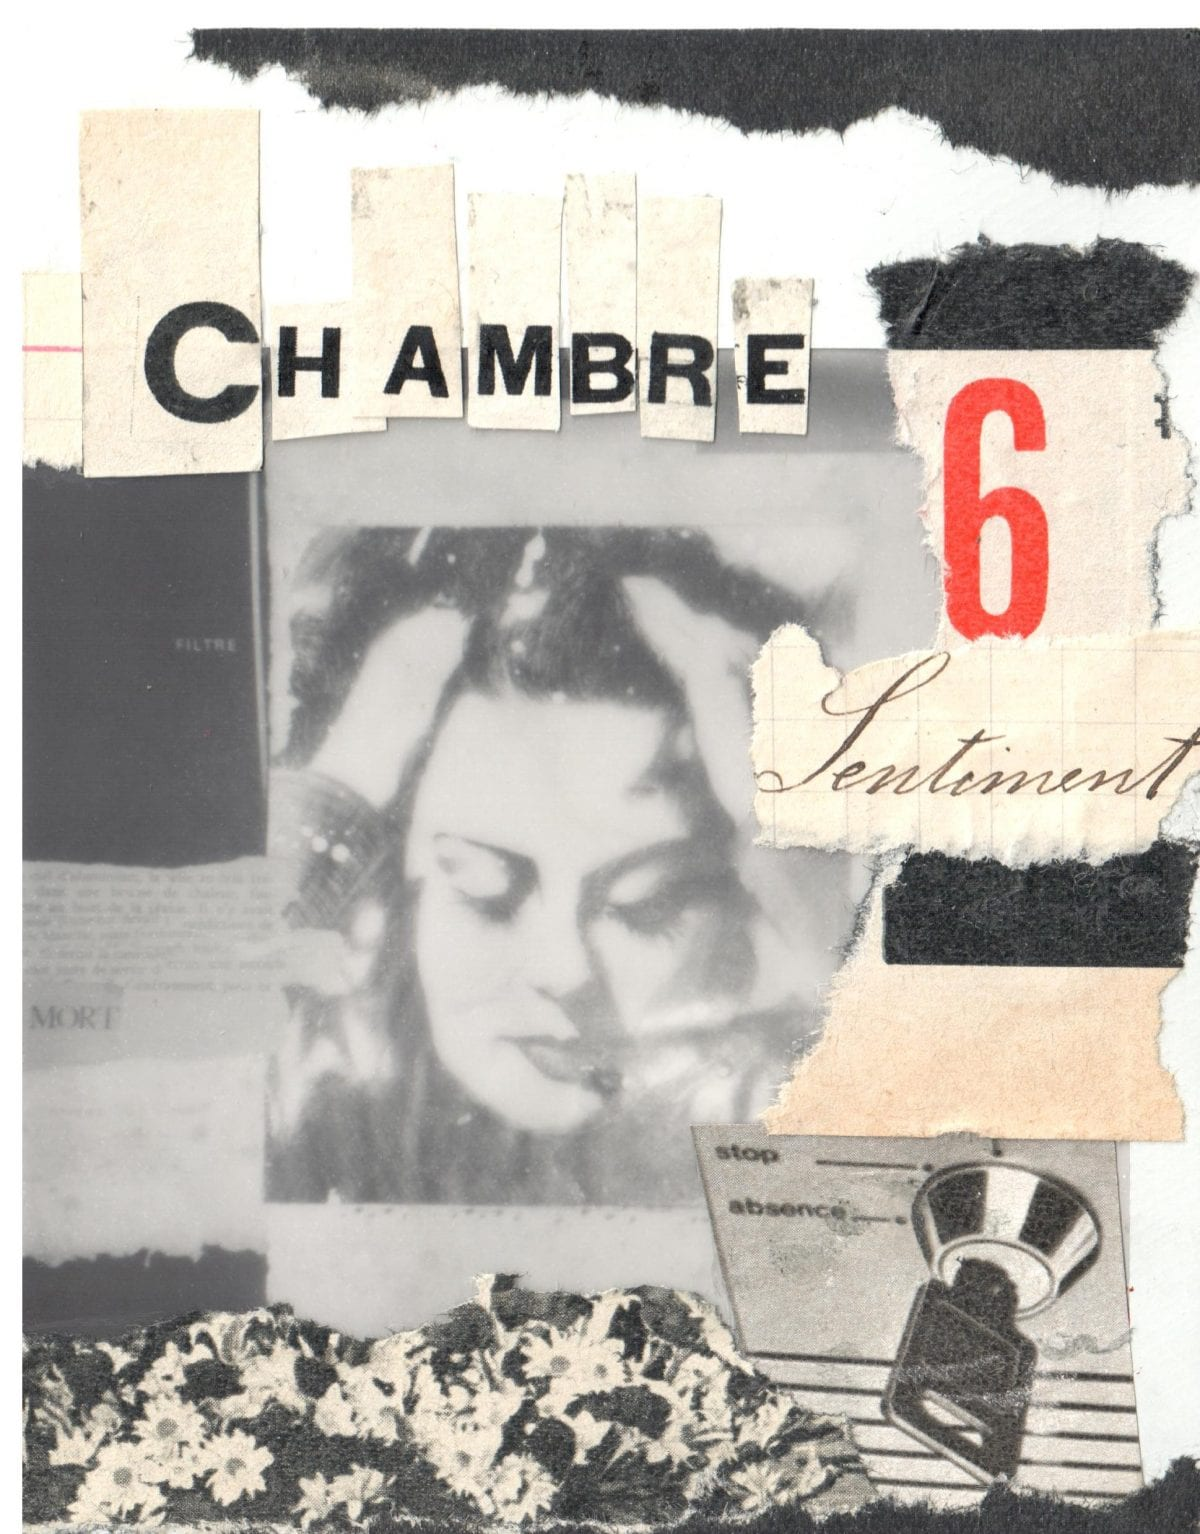 Chambre 6. @Lili Plasticienne.